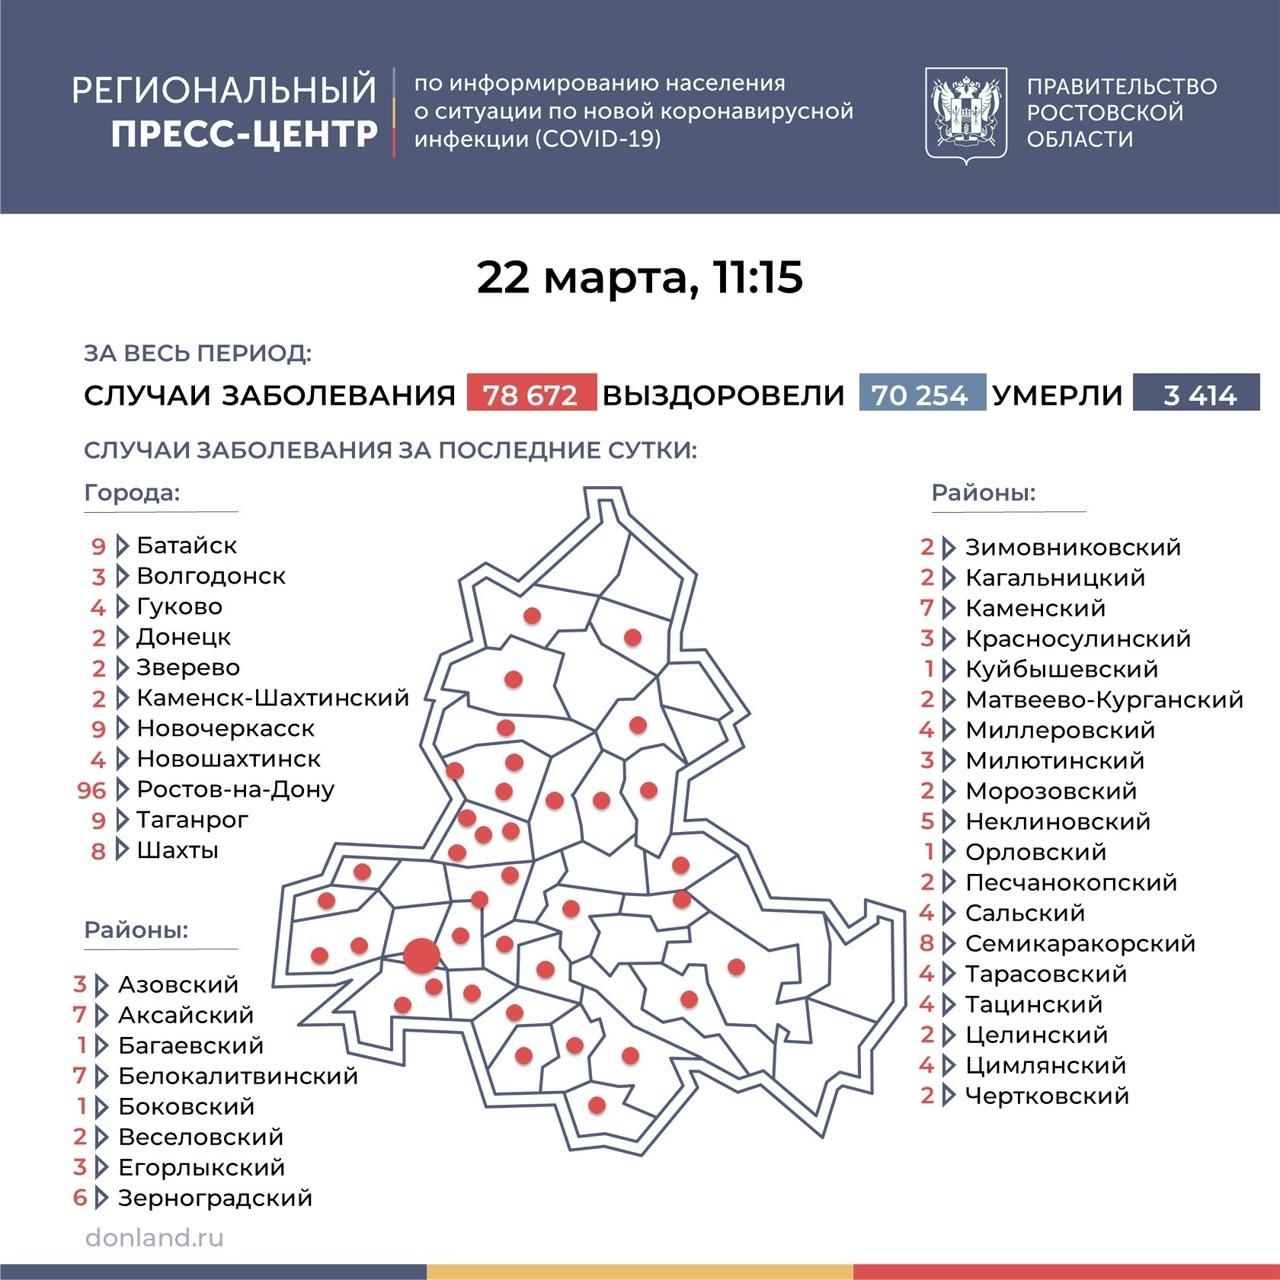 На Дону число инфицированных COVID-19 составляет 240, в Таганроге 9 новых случаев